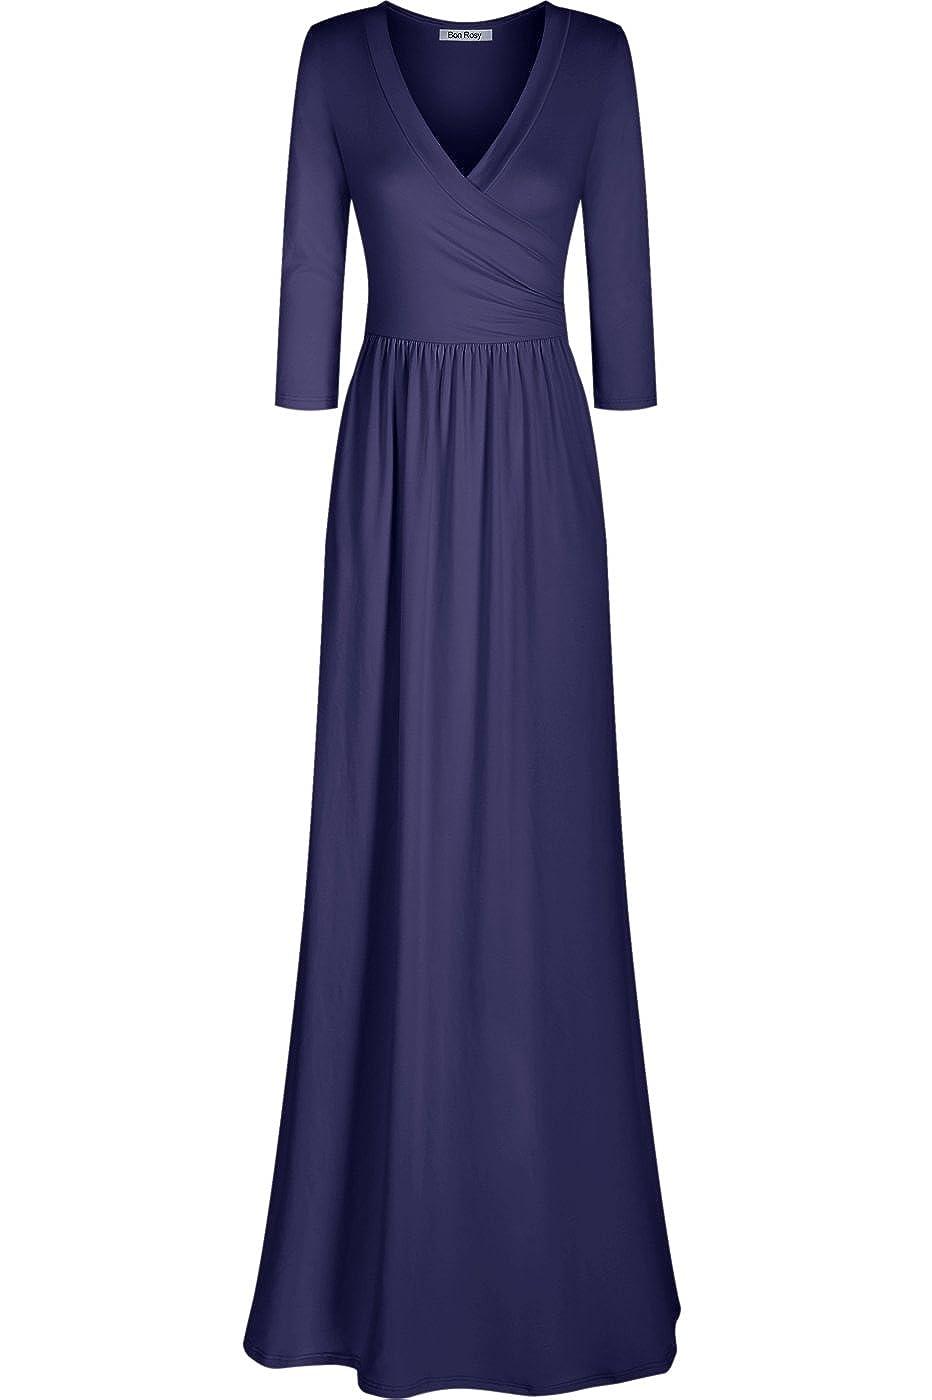 0063e984c5b Top 10 wholesale Burgundy Wrap Maxi Dress - Chinabrands.com